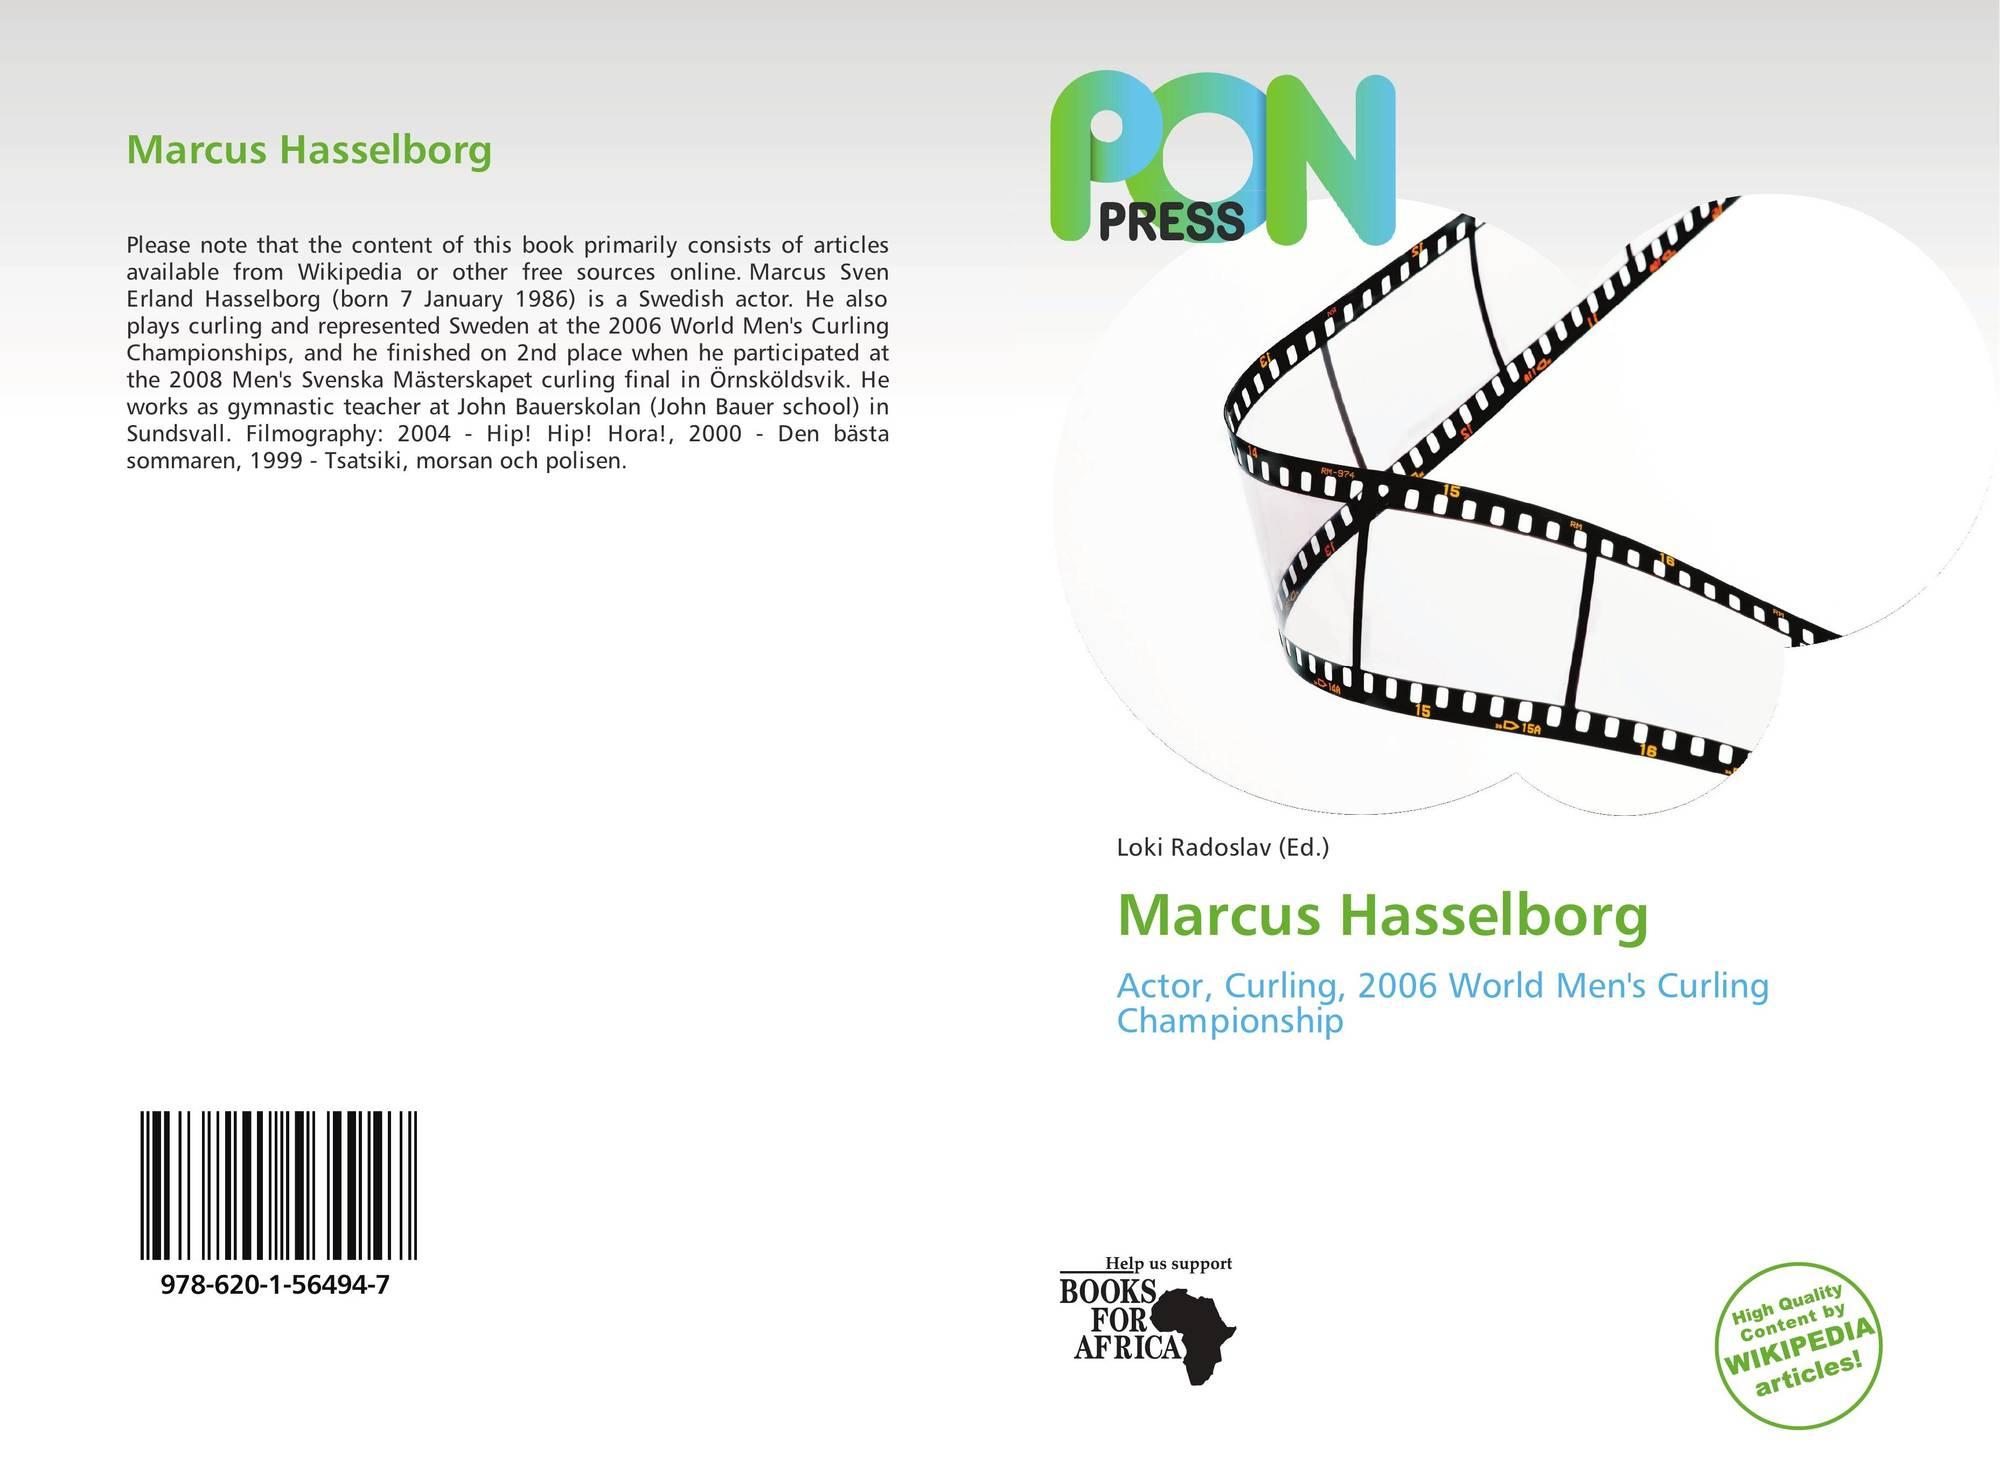 Marcus Hasselborg 978 620 1 56494 7 6201564942 9786201564947